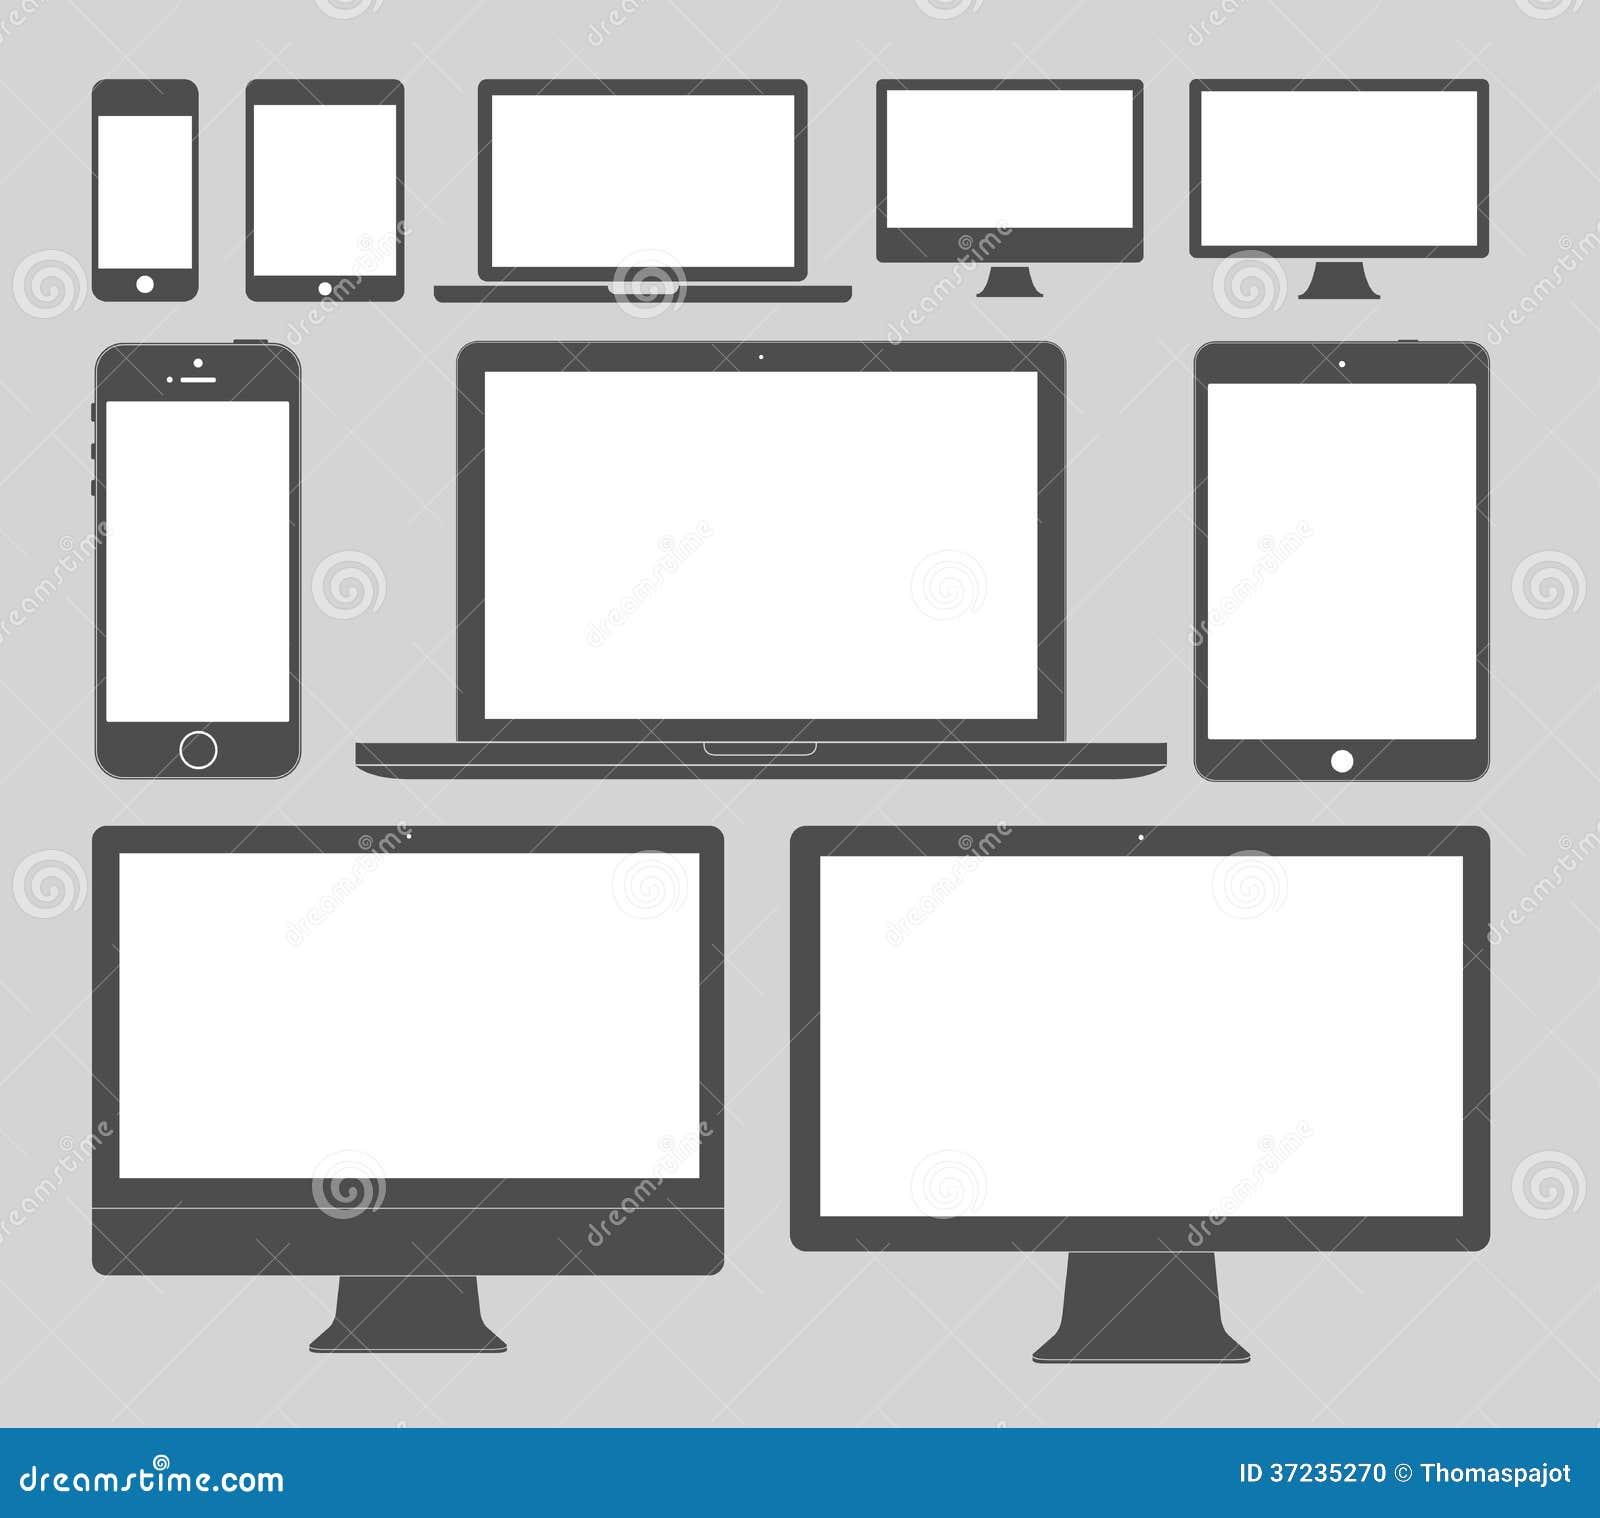 De Pictogrammen van vertoningsapparaten